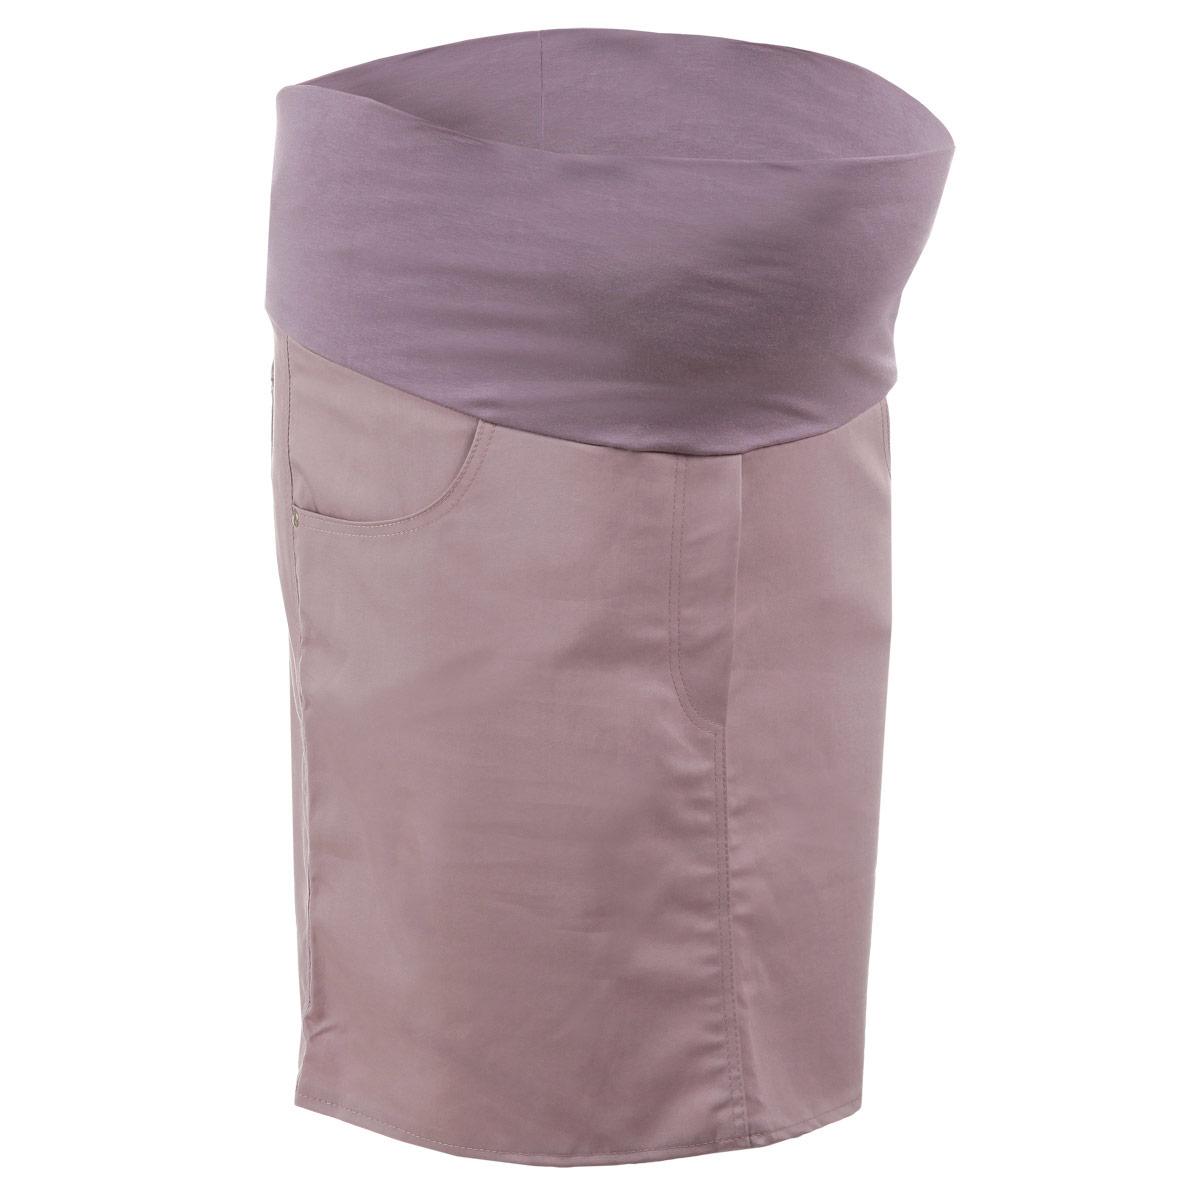 Юбка для беременных Nuova Vita, цвет: пепельно-розовый. 6107.5. Размер 426107.5Стильная и удобная юбка для беременных Nuova Vita станет отличным дополнением вашего летнего гардероба и подчеркнет очарование будущей мамы.Юбка-миди выполнена из высококачественного материала, она невероятно мягкая и приятная на ощупь. Модель оснащена высоким удобным бандажом, дополнительно поддерживающим живот. Юбка дополнена двумя втачными карманами спереди и двумя накладными карманами сзади, а также оформлена имитацией ширинки.Юбка выполнена из вискозы с добавлением полиэстера и эластана. Вискоза является волокном, произведенным из натурального материала - целлюлозы (древесины). Иногда ее называют древесный шелк. Эта ткань на ощупь мягкая и приятная, образует красивые складки. Материал очень хорошо впитывает влагу, не образует катышек со временем, не выцветает на солнце и обладает приятным шелковистым блеском.